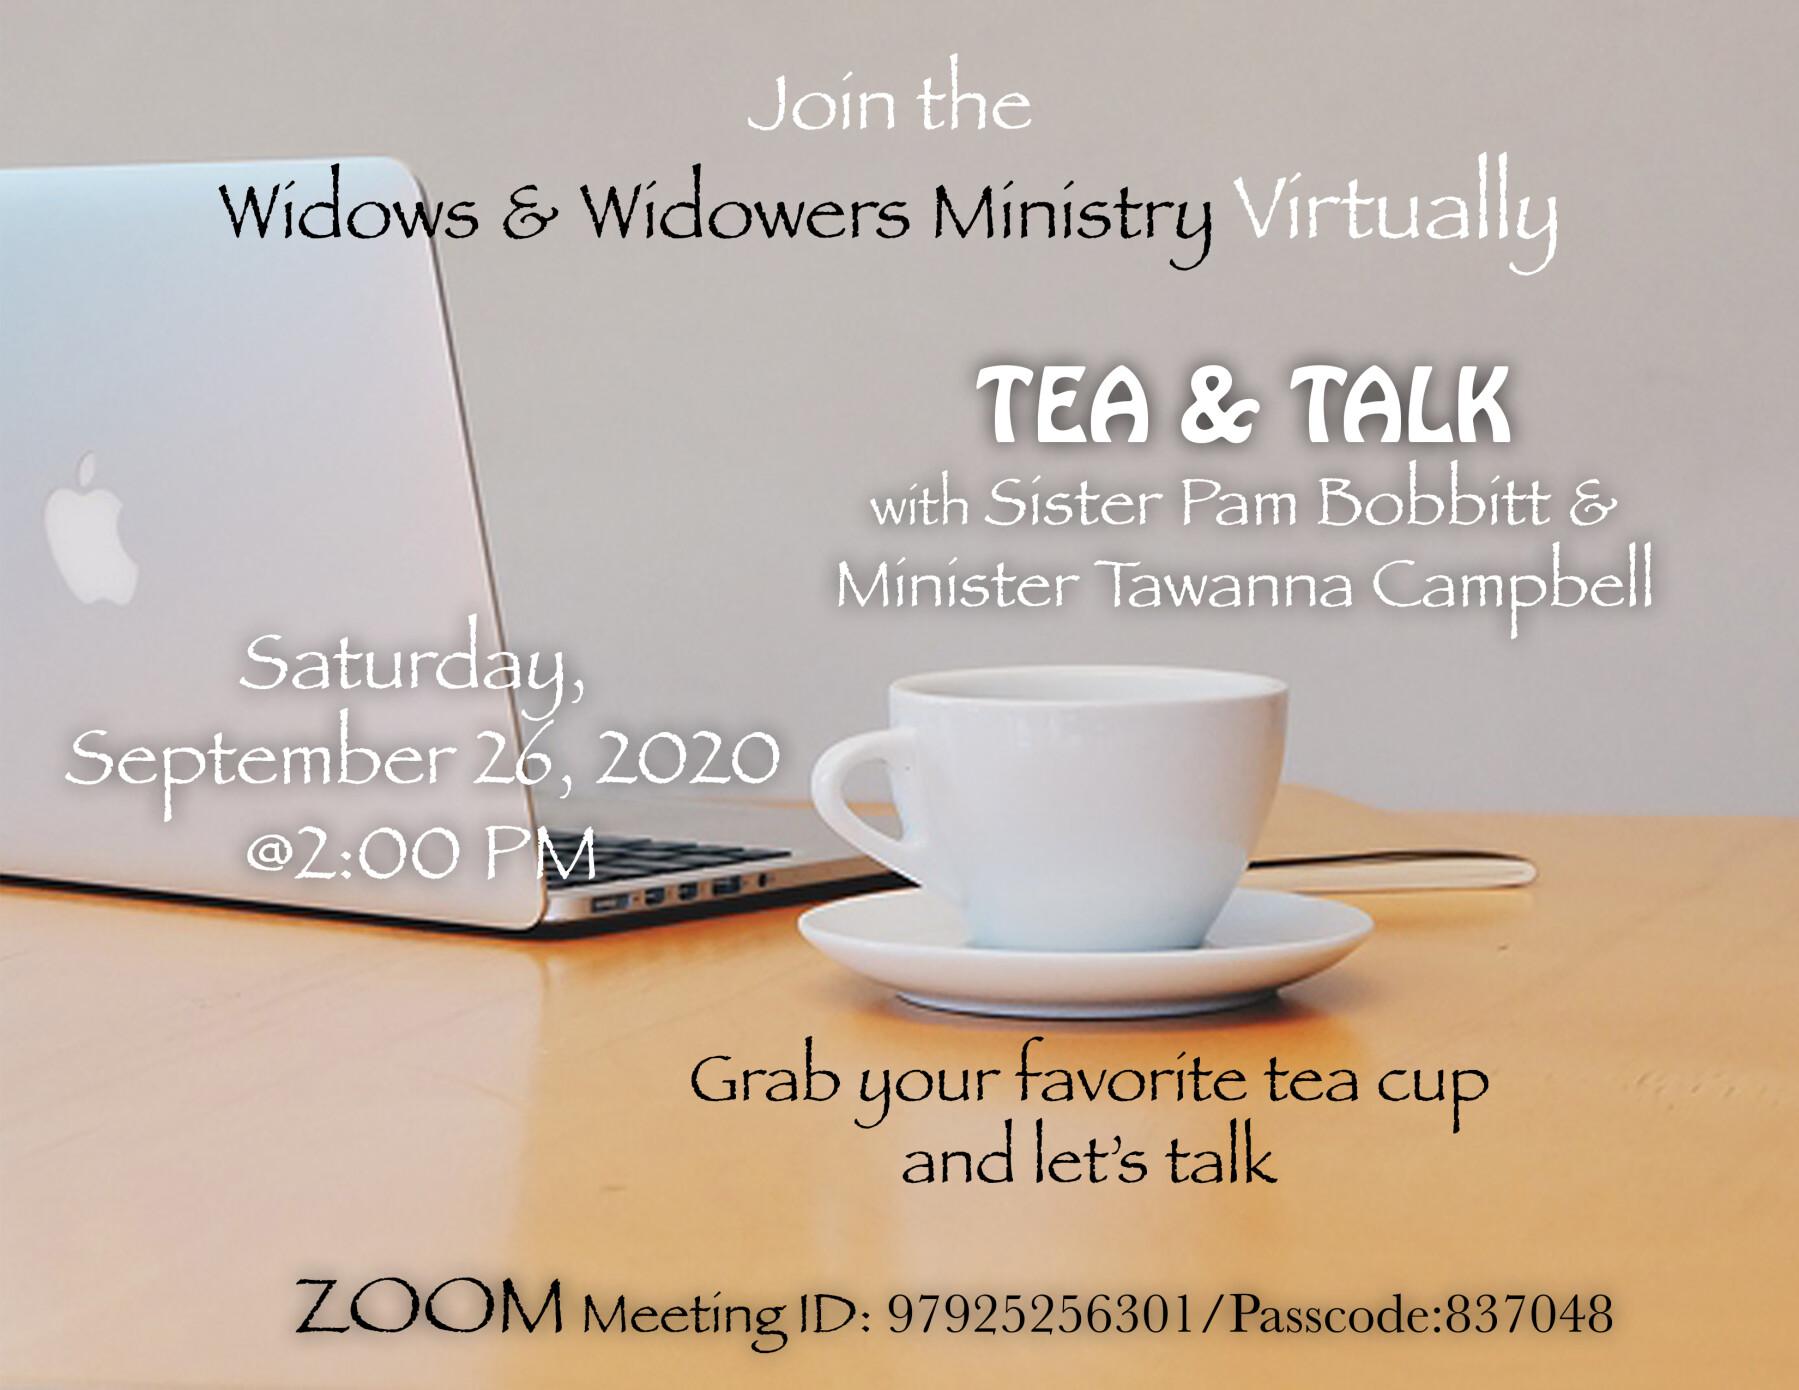 Widows & Widowers Virtual Tea & Talk